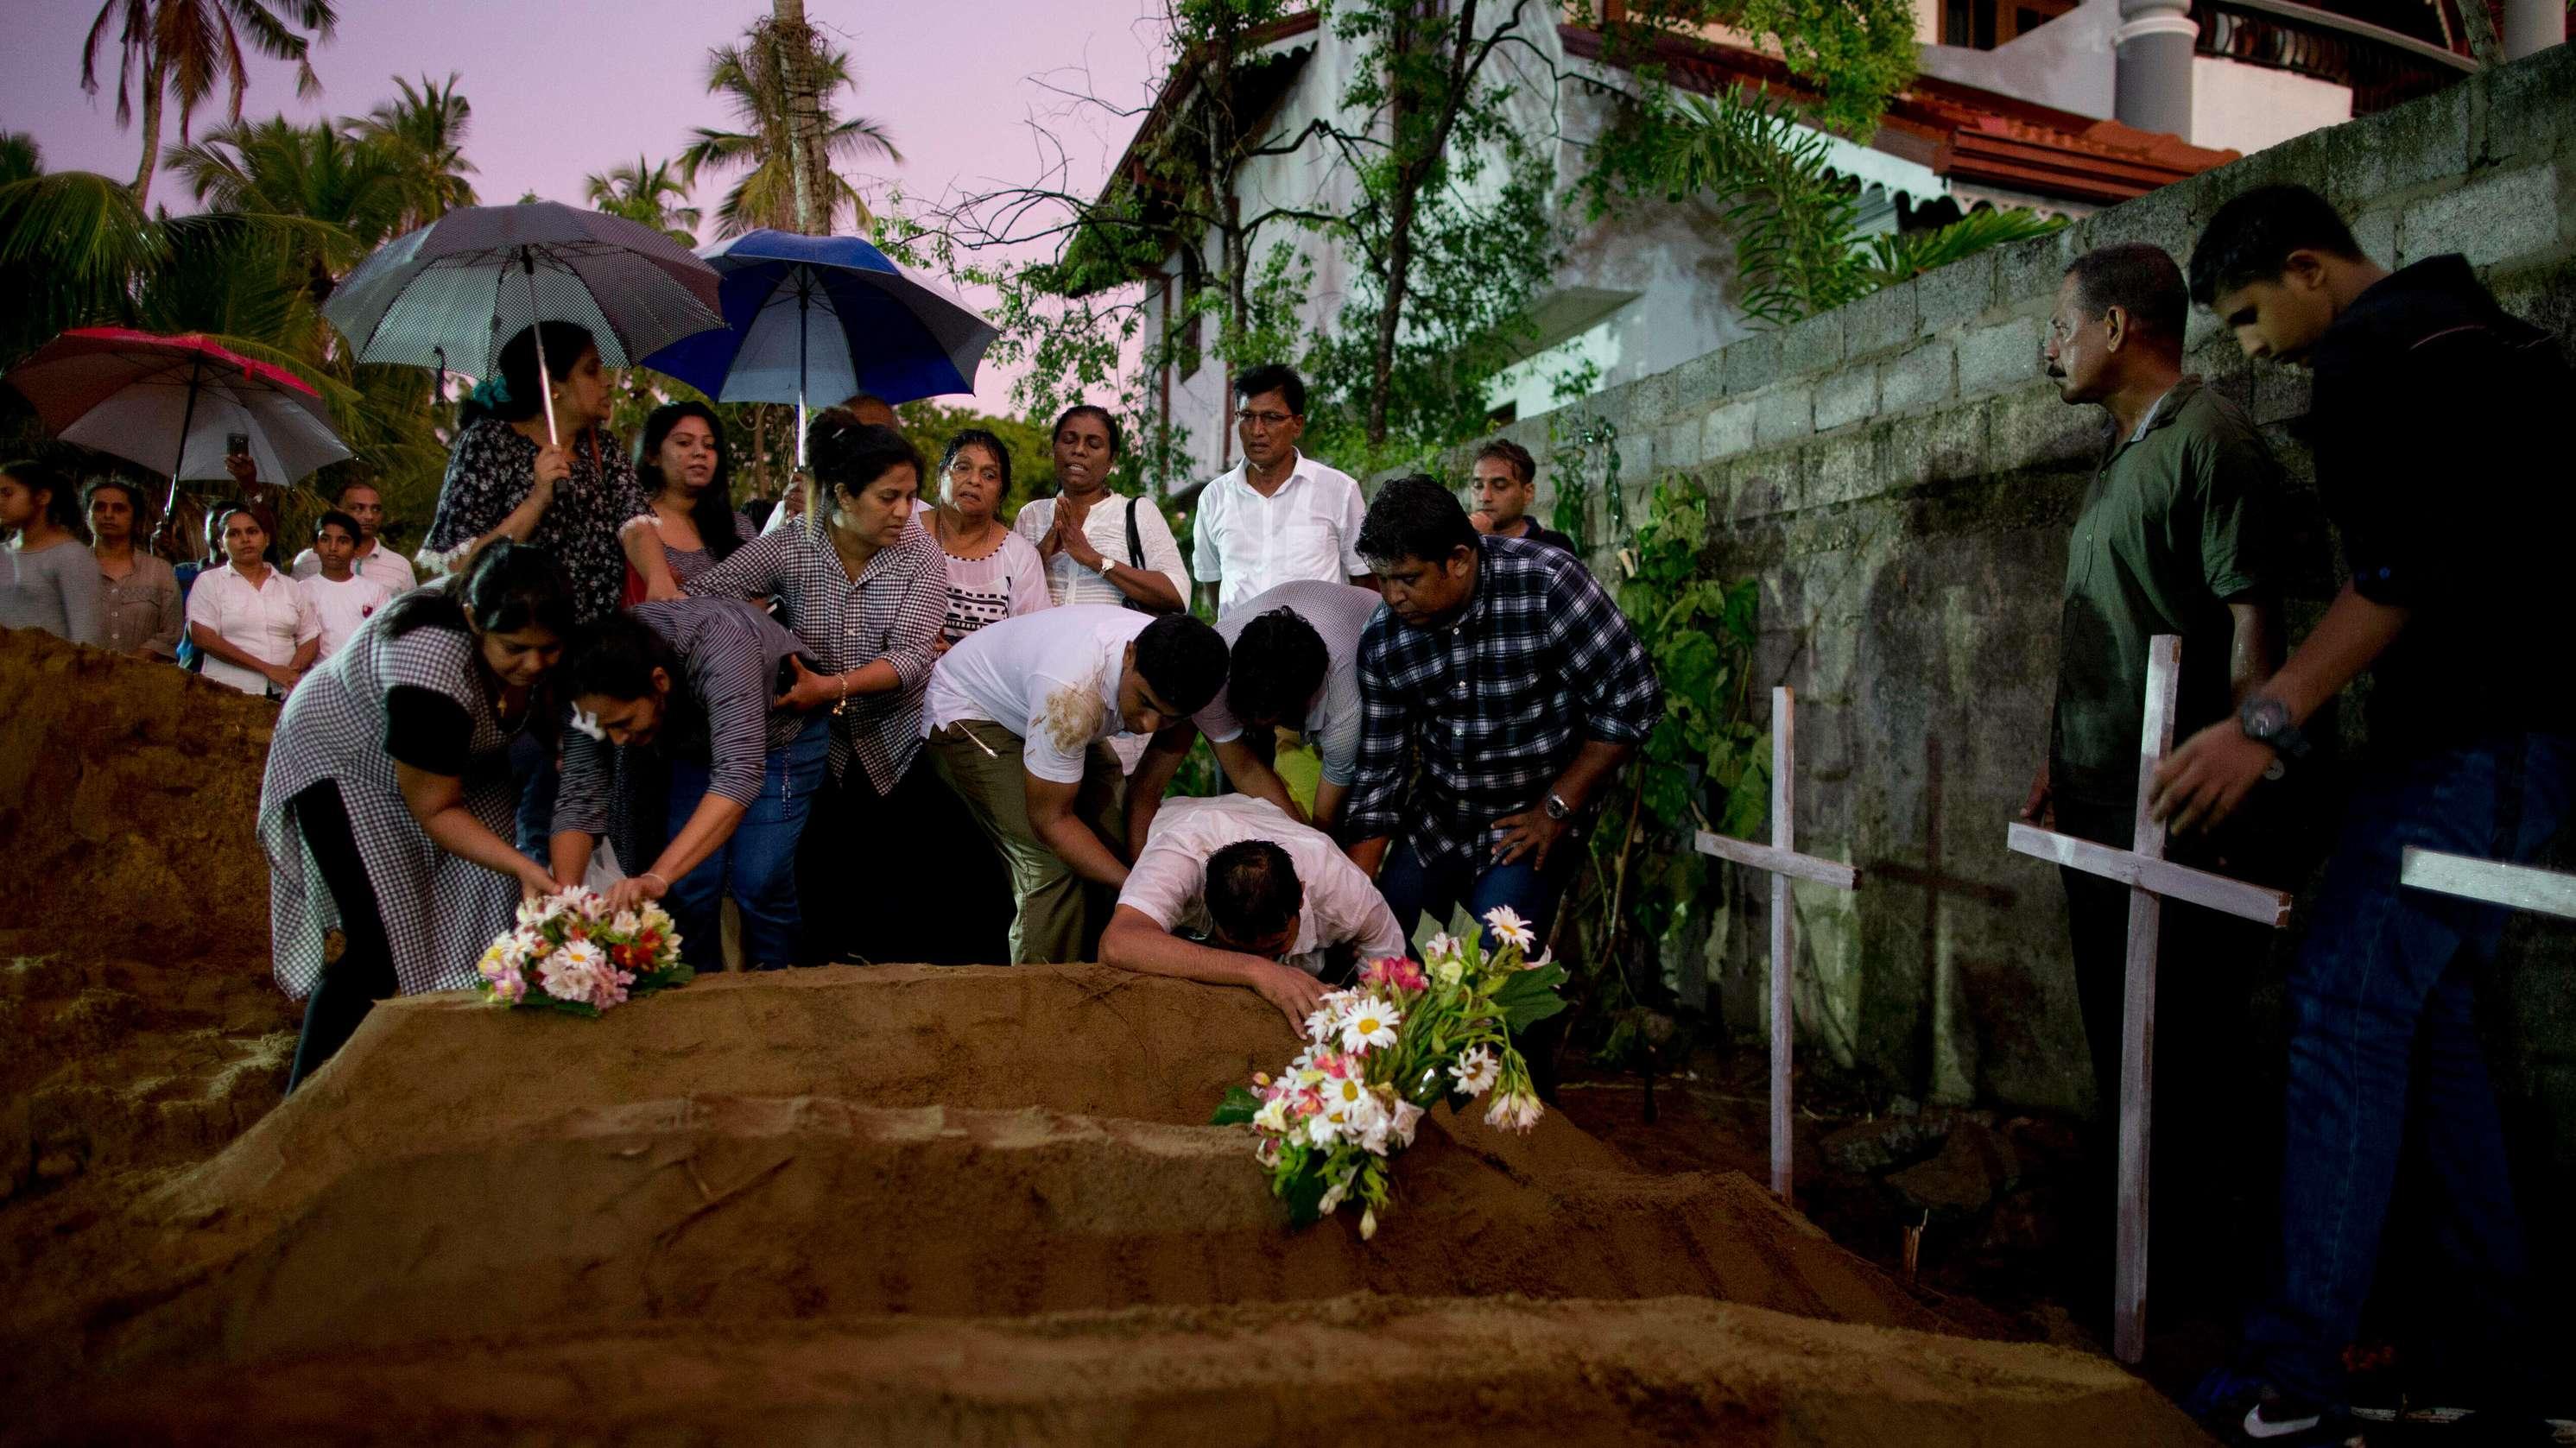 Verwandte platzieren Blumen nach der Beerdigung von drei Opfern derselben Familie, die bei der Bombenexplosion am Ostersonntag in der St.-Sebastians-Kirche in Negombo starben.